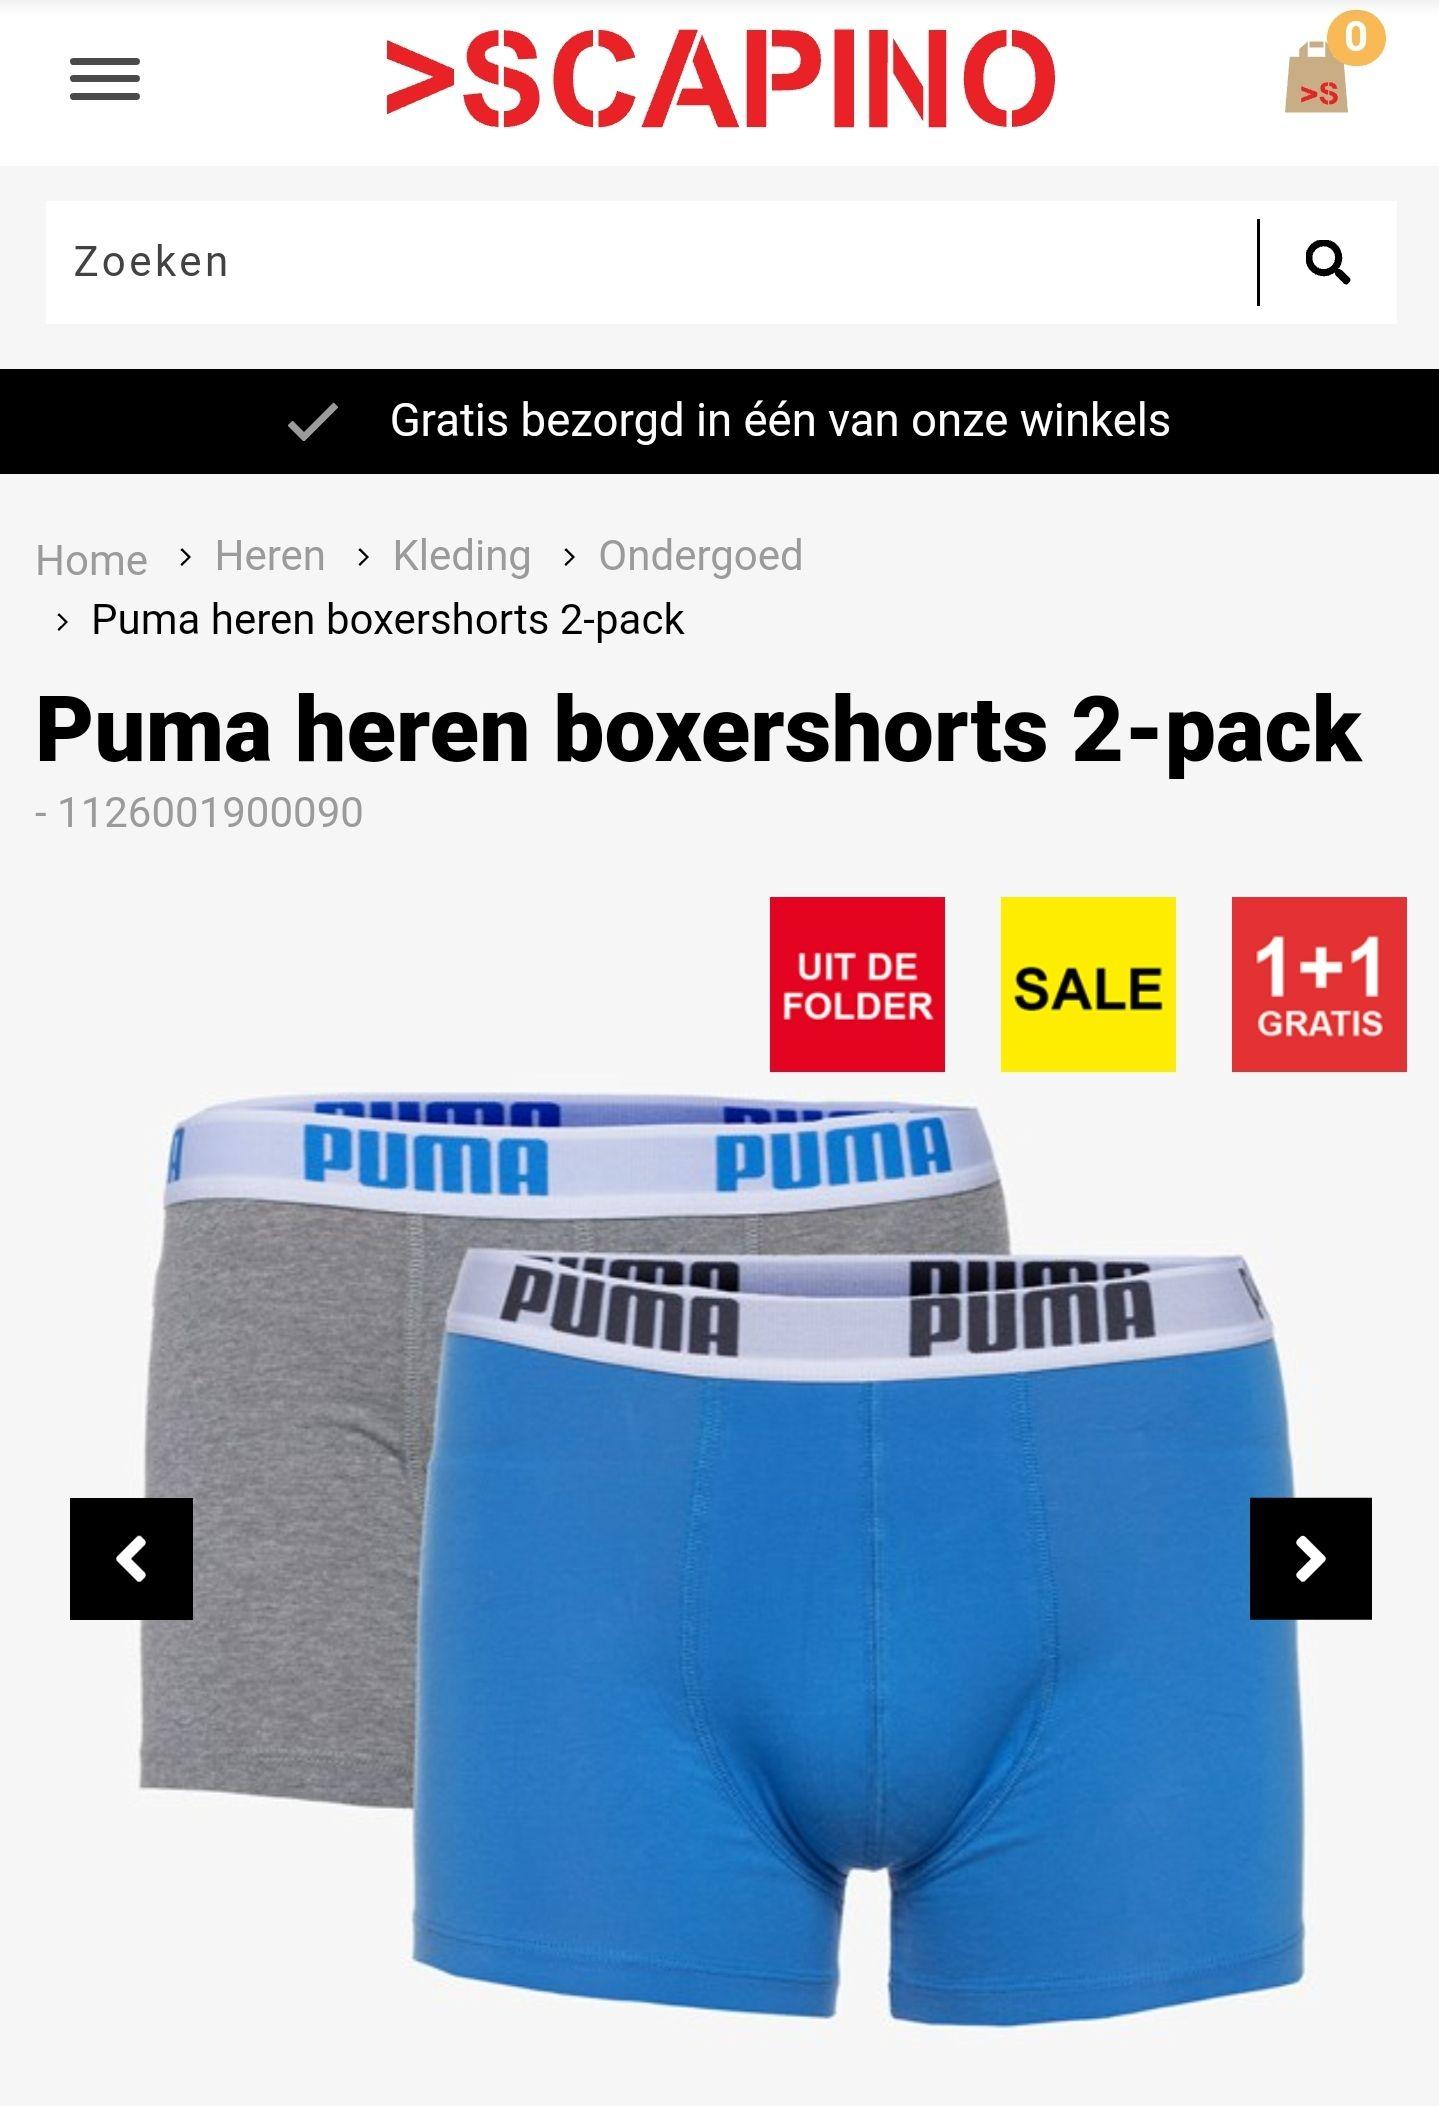 Puma boxershorts 1+1 gratis